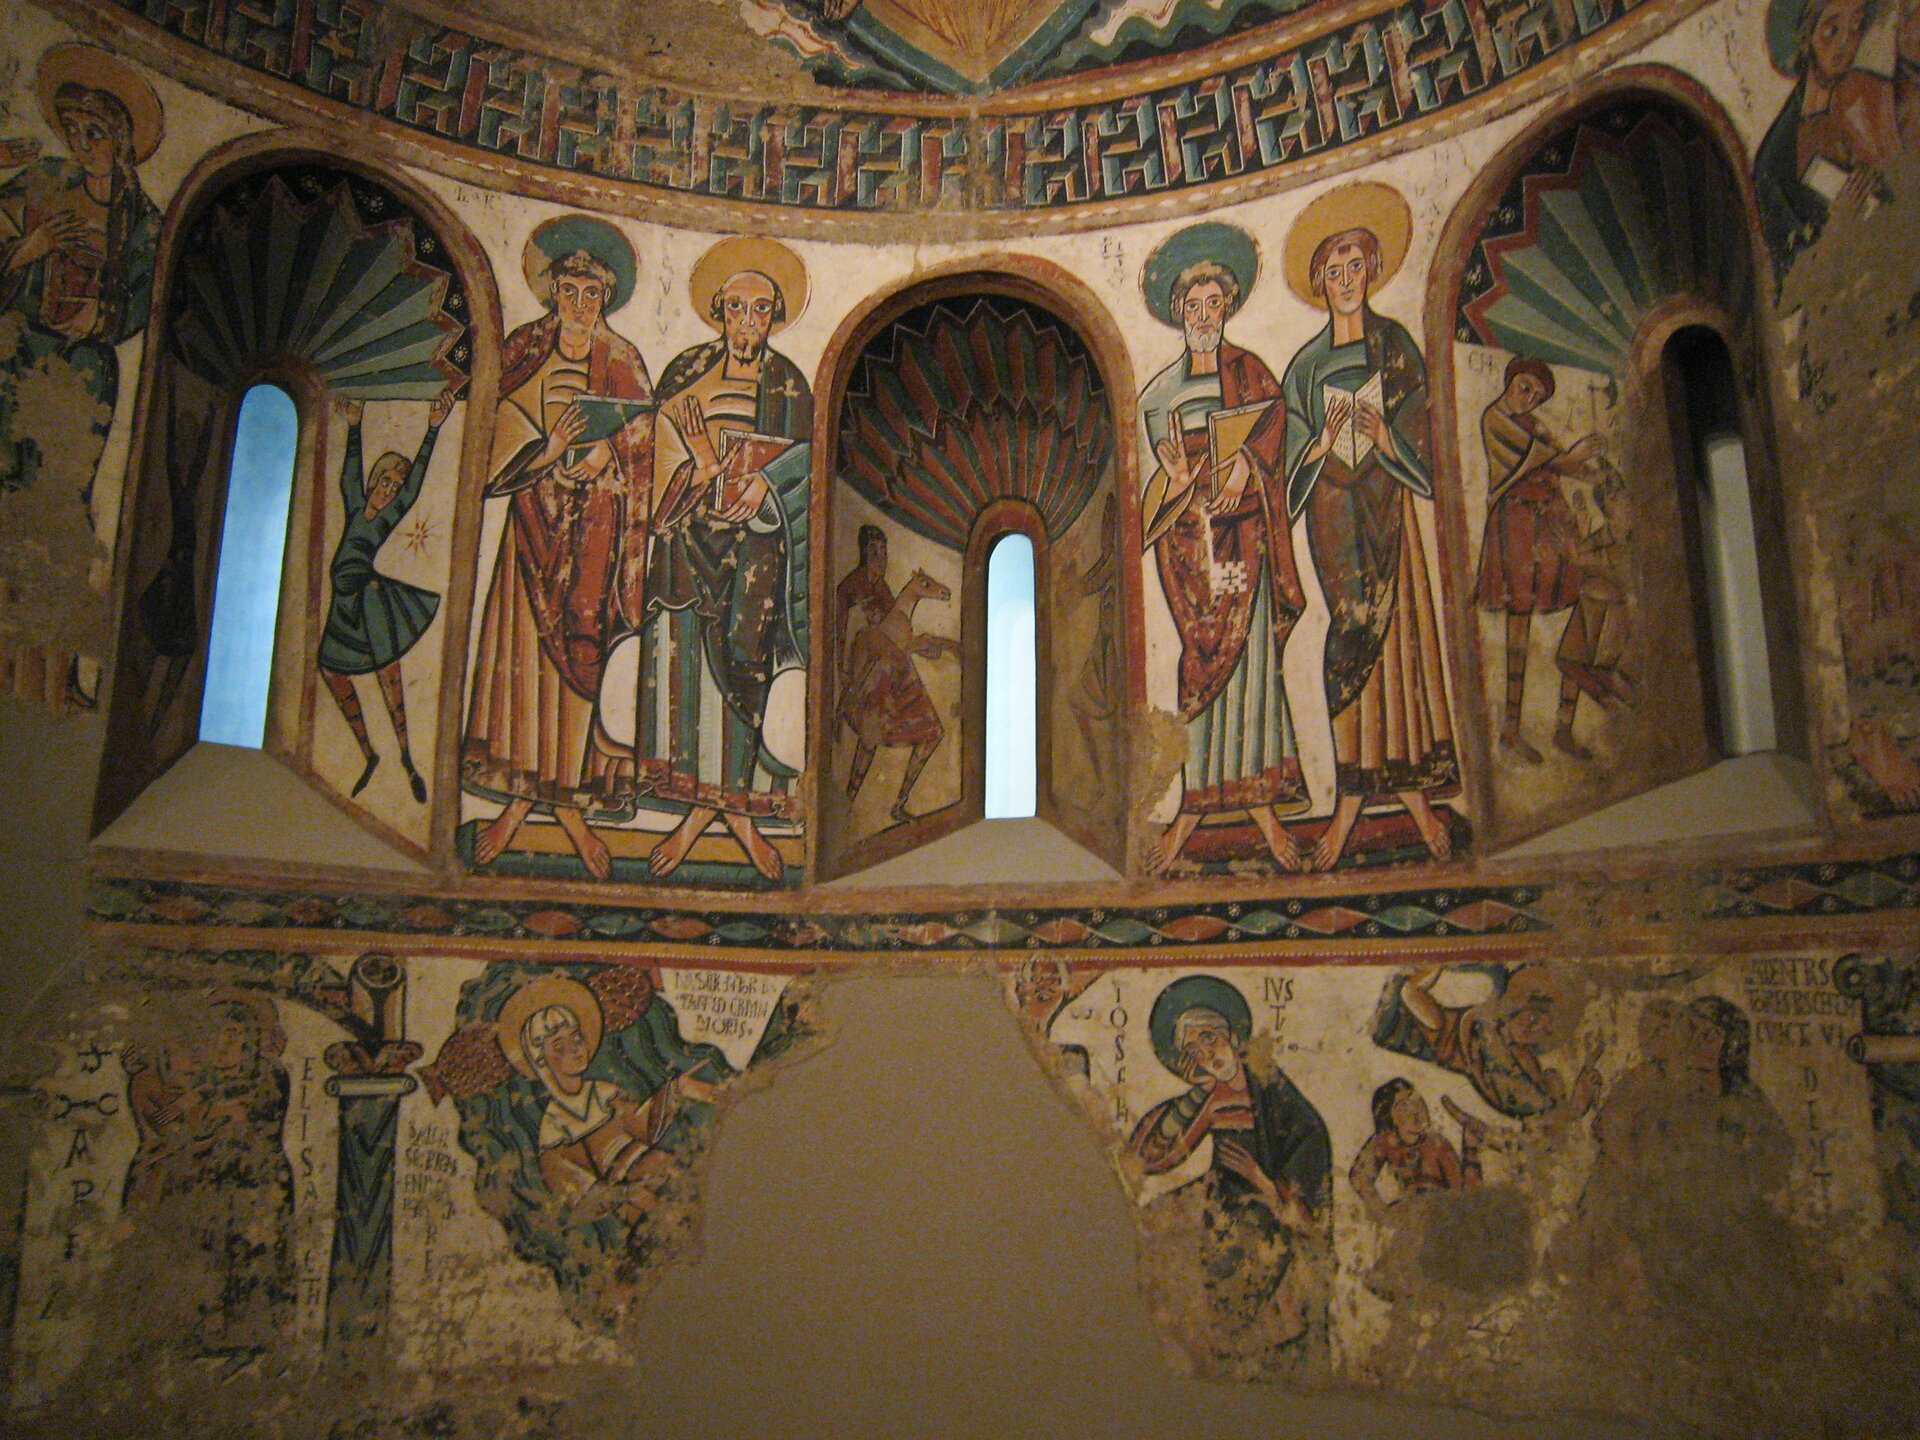 """Ilustracja interaktywna przedstawia malowidło """"Chrystus Chwalebny isymbole czterech ewangelistów"""", znajdujące się wMuzeum Sztuk Pięknych wBostonie wStanach Zjednoczonych. Na zdjęciu ukazane jest wnętrze ztrzema małymi, podłużnymi oknami zwieńczonymi łukami. Ściany pokryte są freskami ogrubym, czarnym konturze, które skomponowane są wtrzech pasach oddzielonych ornamentami. Dolny, najgorzej zachowany pas zwieloma ubytkami, przedstawia sceny biblijne. Nad nim znajduje się pas zoknami, pomiędzy którymi umieszczone zostały wparach postacie świętych. Również wnęki okienne zostały pokryte malowidłami zpostaciami iornamentyką. Przedstawione freski odznaczają się niezwykle bogatą kolorystyką. Dominującymi barwami są: biel, ciepła żółć, czerwień ibłękit."""